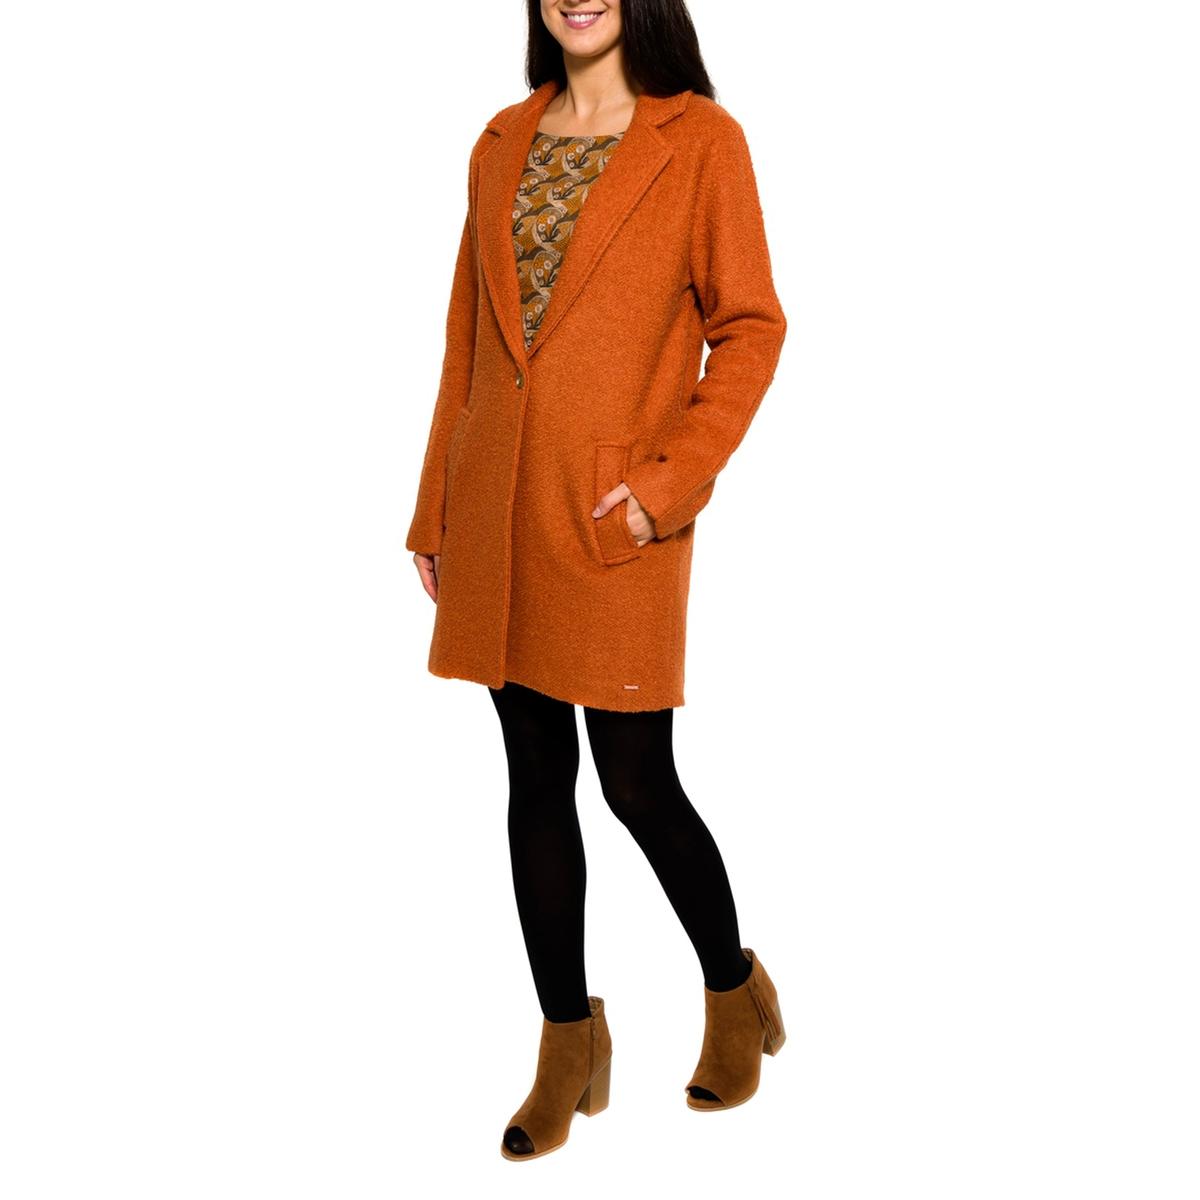 Пальто с  V-образным вырезомСостав и описание     Материал         70% полиэстера, 30% шерсти woolmark     Марка: PARAMITA<br><br>Цвет: красно-коричневый<br>Размер: S.M.L